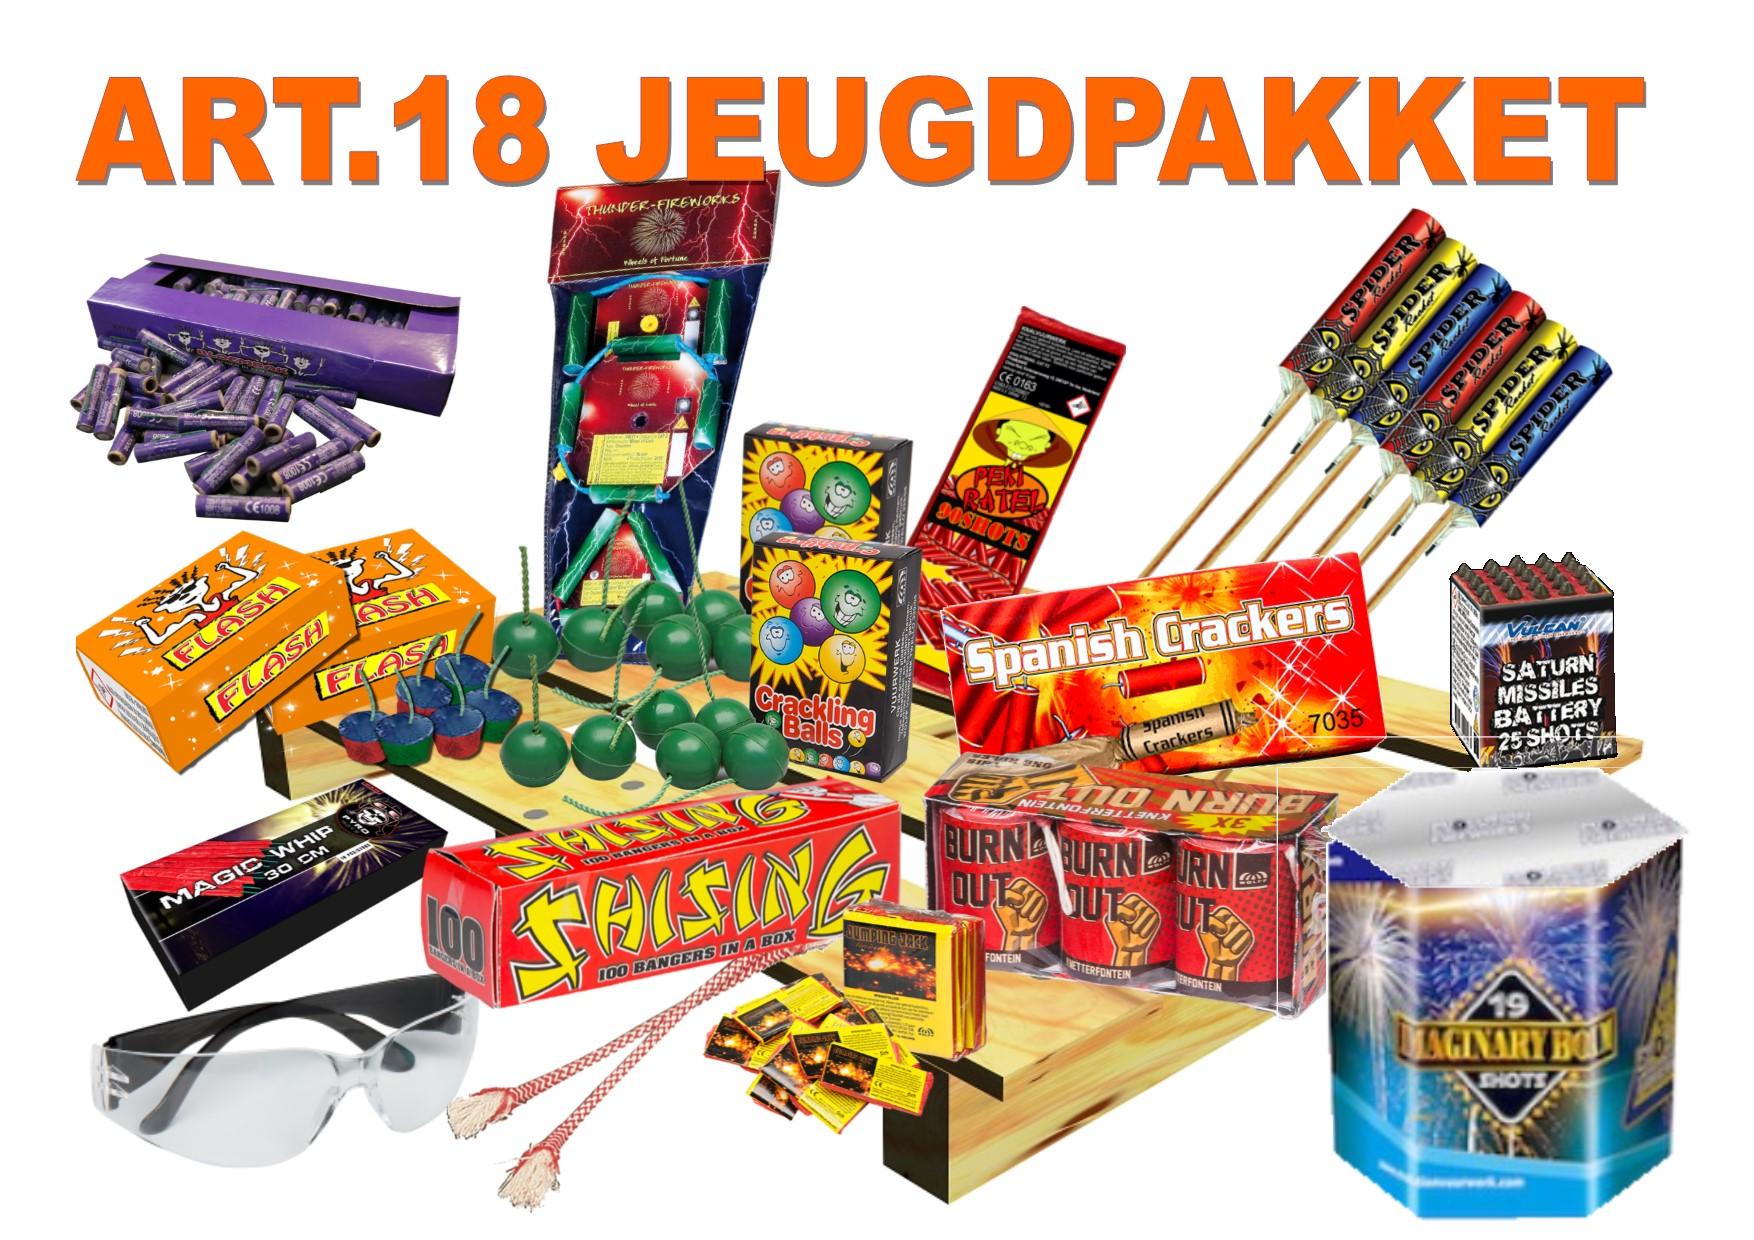 ART. 18 JEUGDPAKKET XL